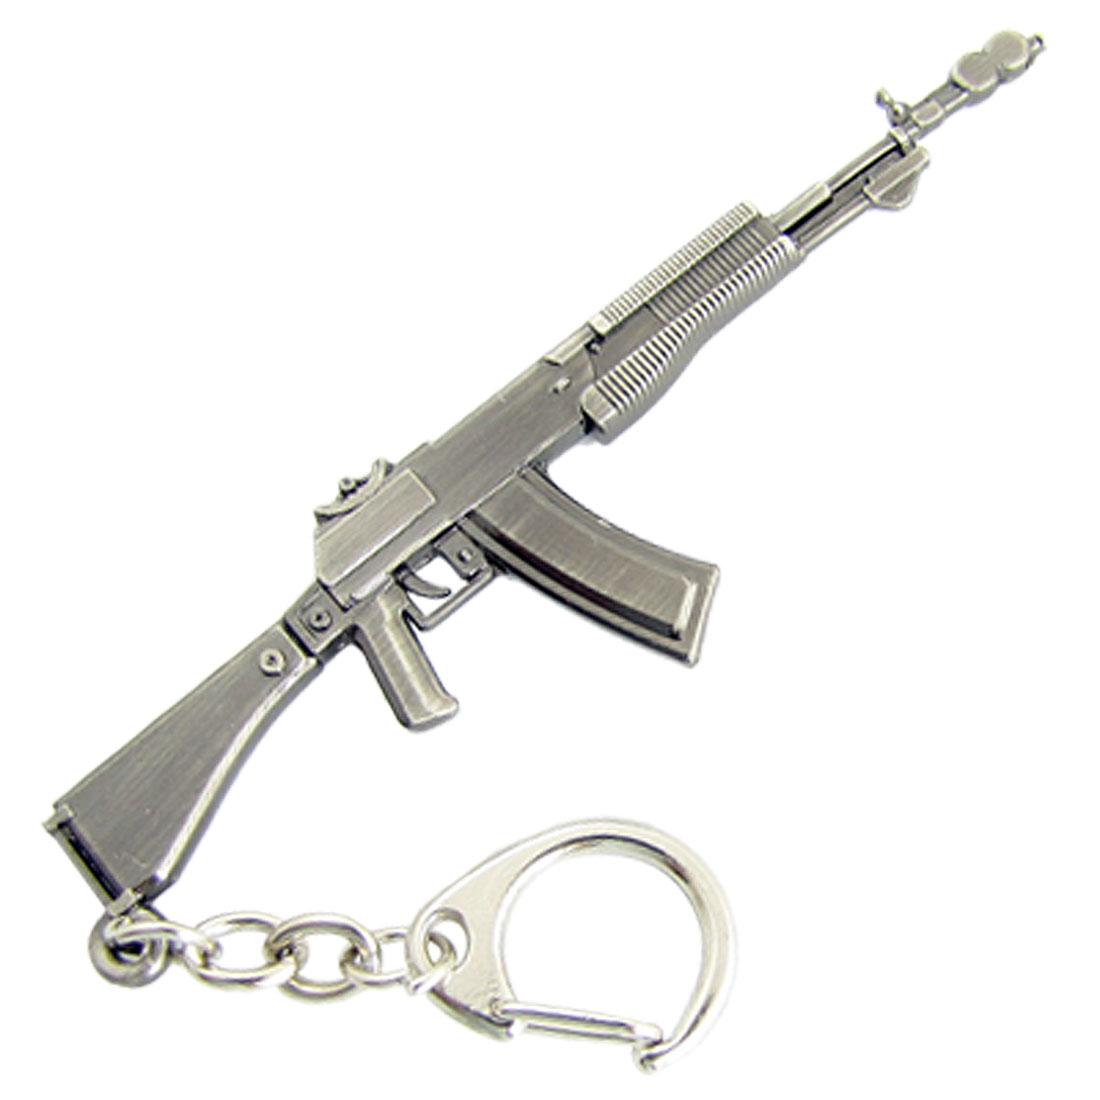 Flint Gray AN94 Assault Rifle Model Metal Keyring Pendant